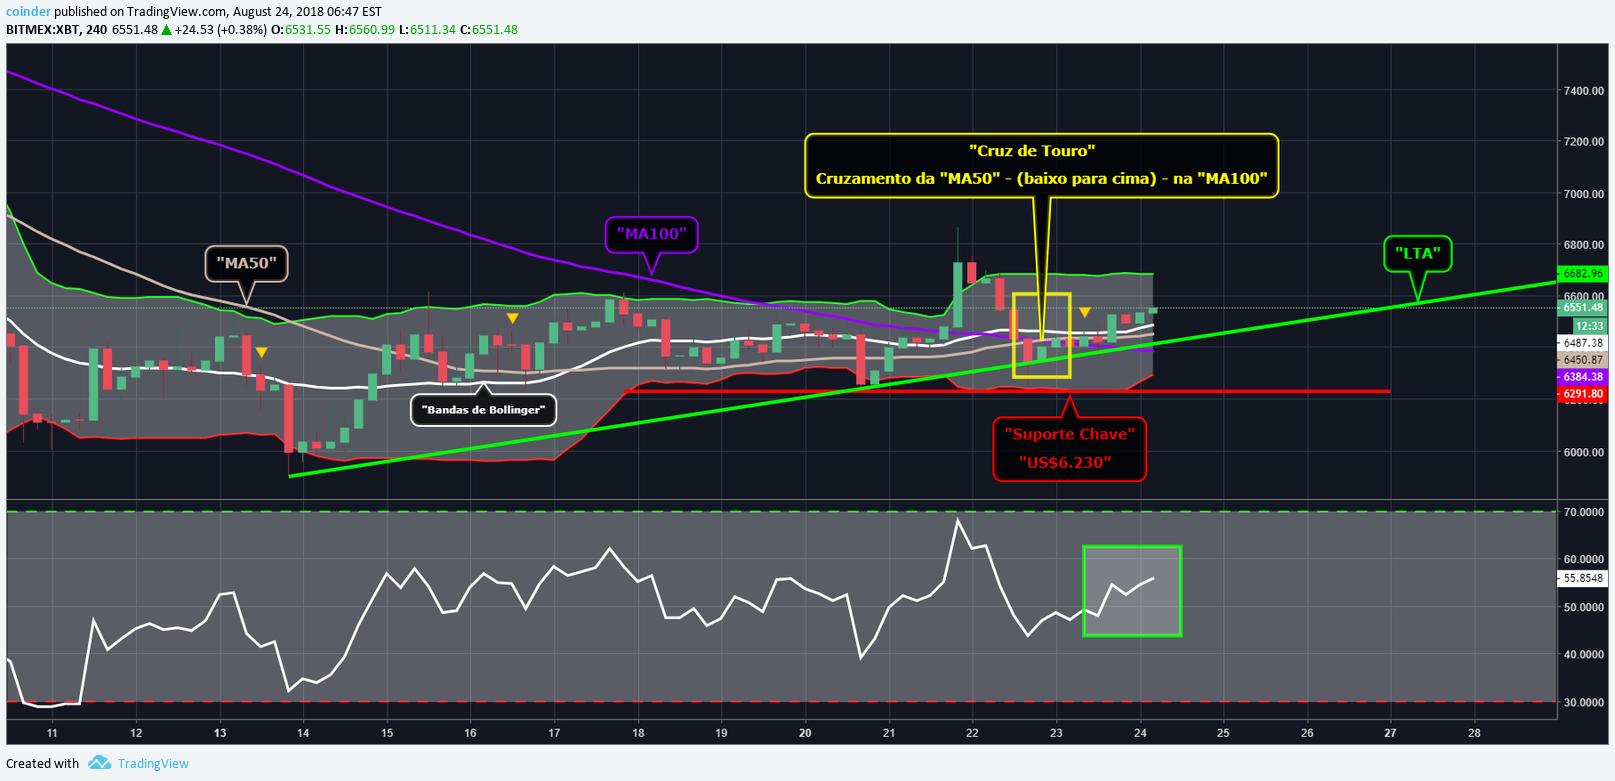 BTC akan melakukan pullback untuk BITMEX:XBTUSD oleh bitorex — TradingView